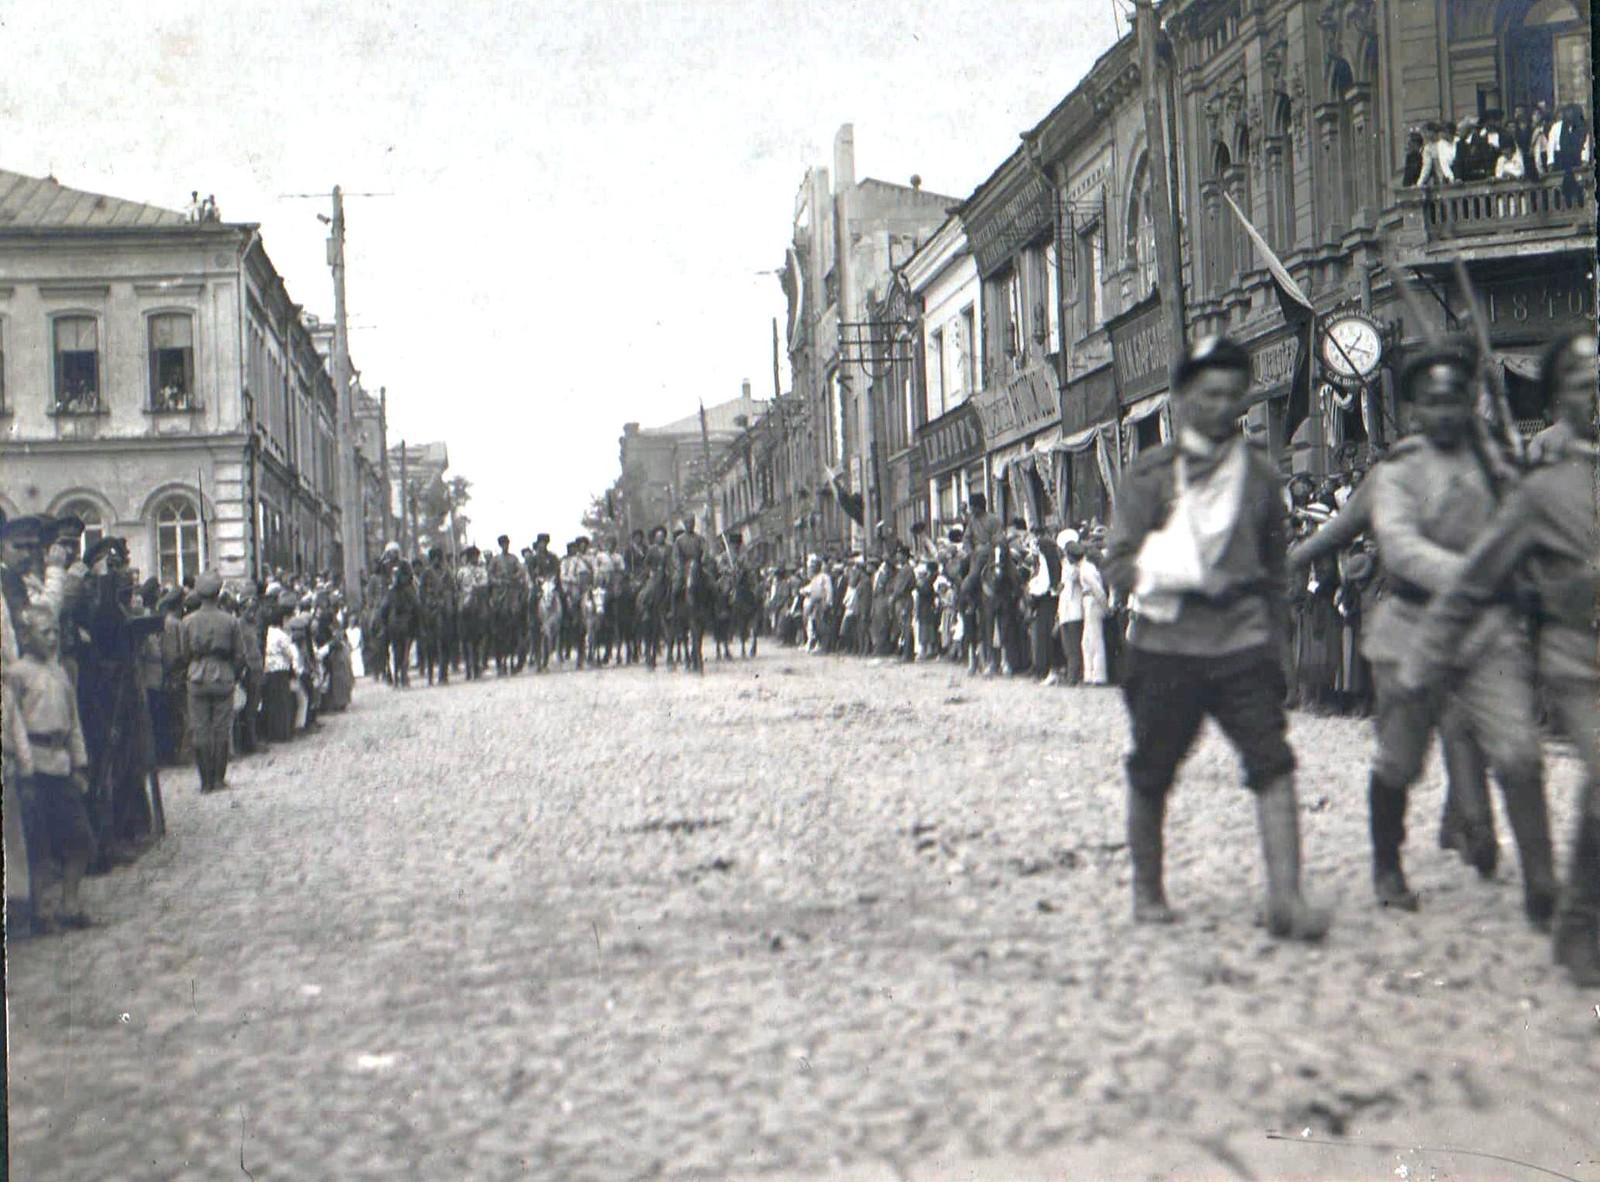 162. 1919. Чествование генерала Кутепова в Харькове